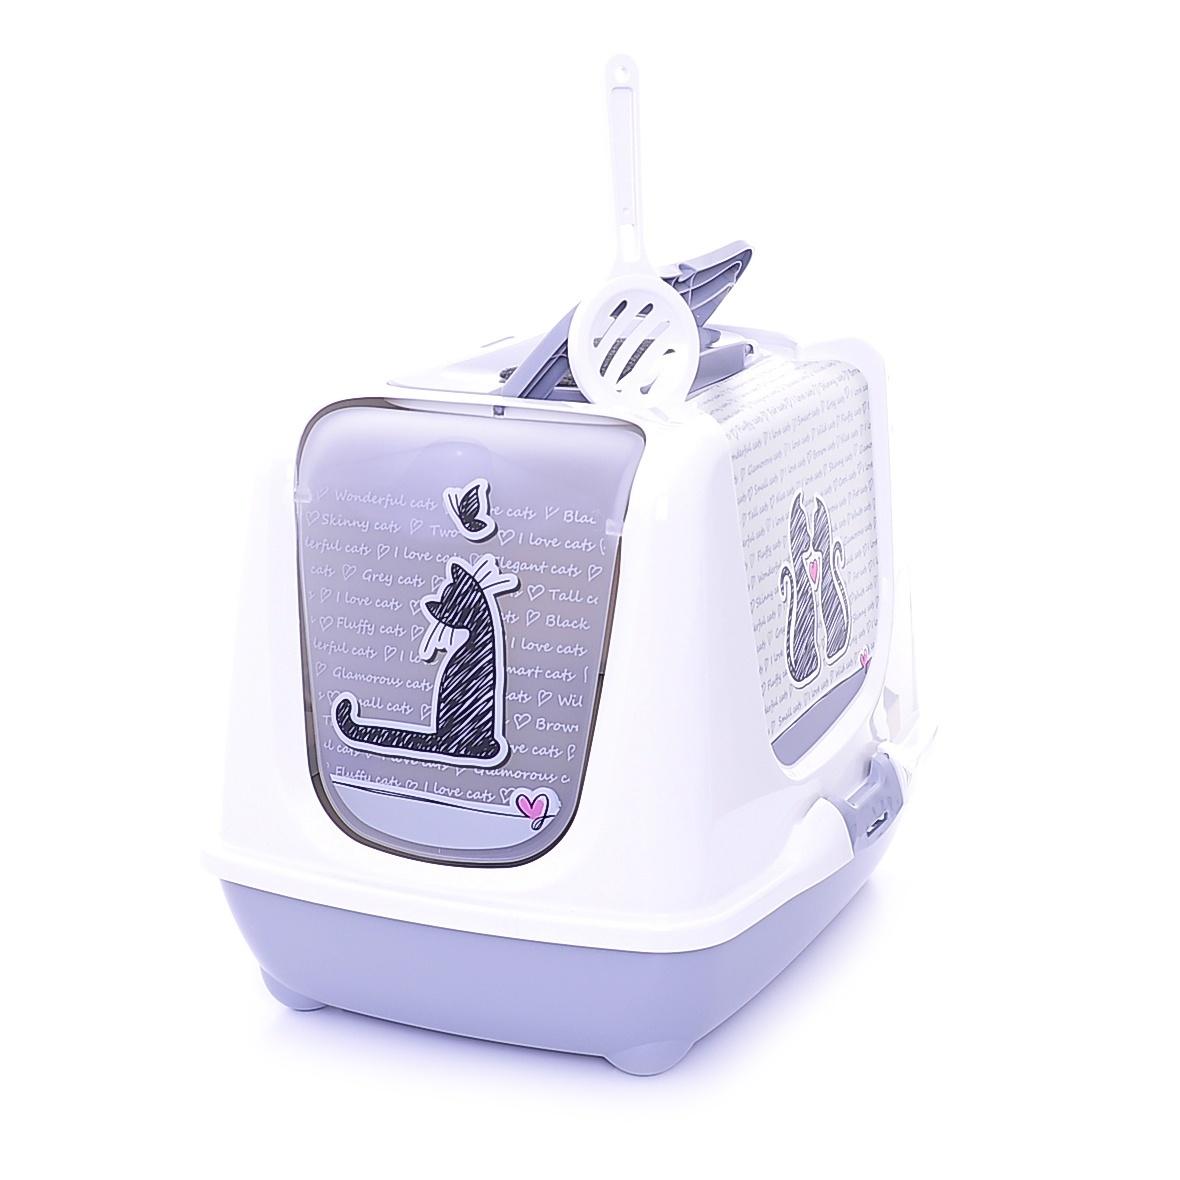 moderna Туалет-домик Moderna Trendy cat с угольным фильтром, 50х41х39, мартовские коты 24711